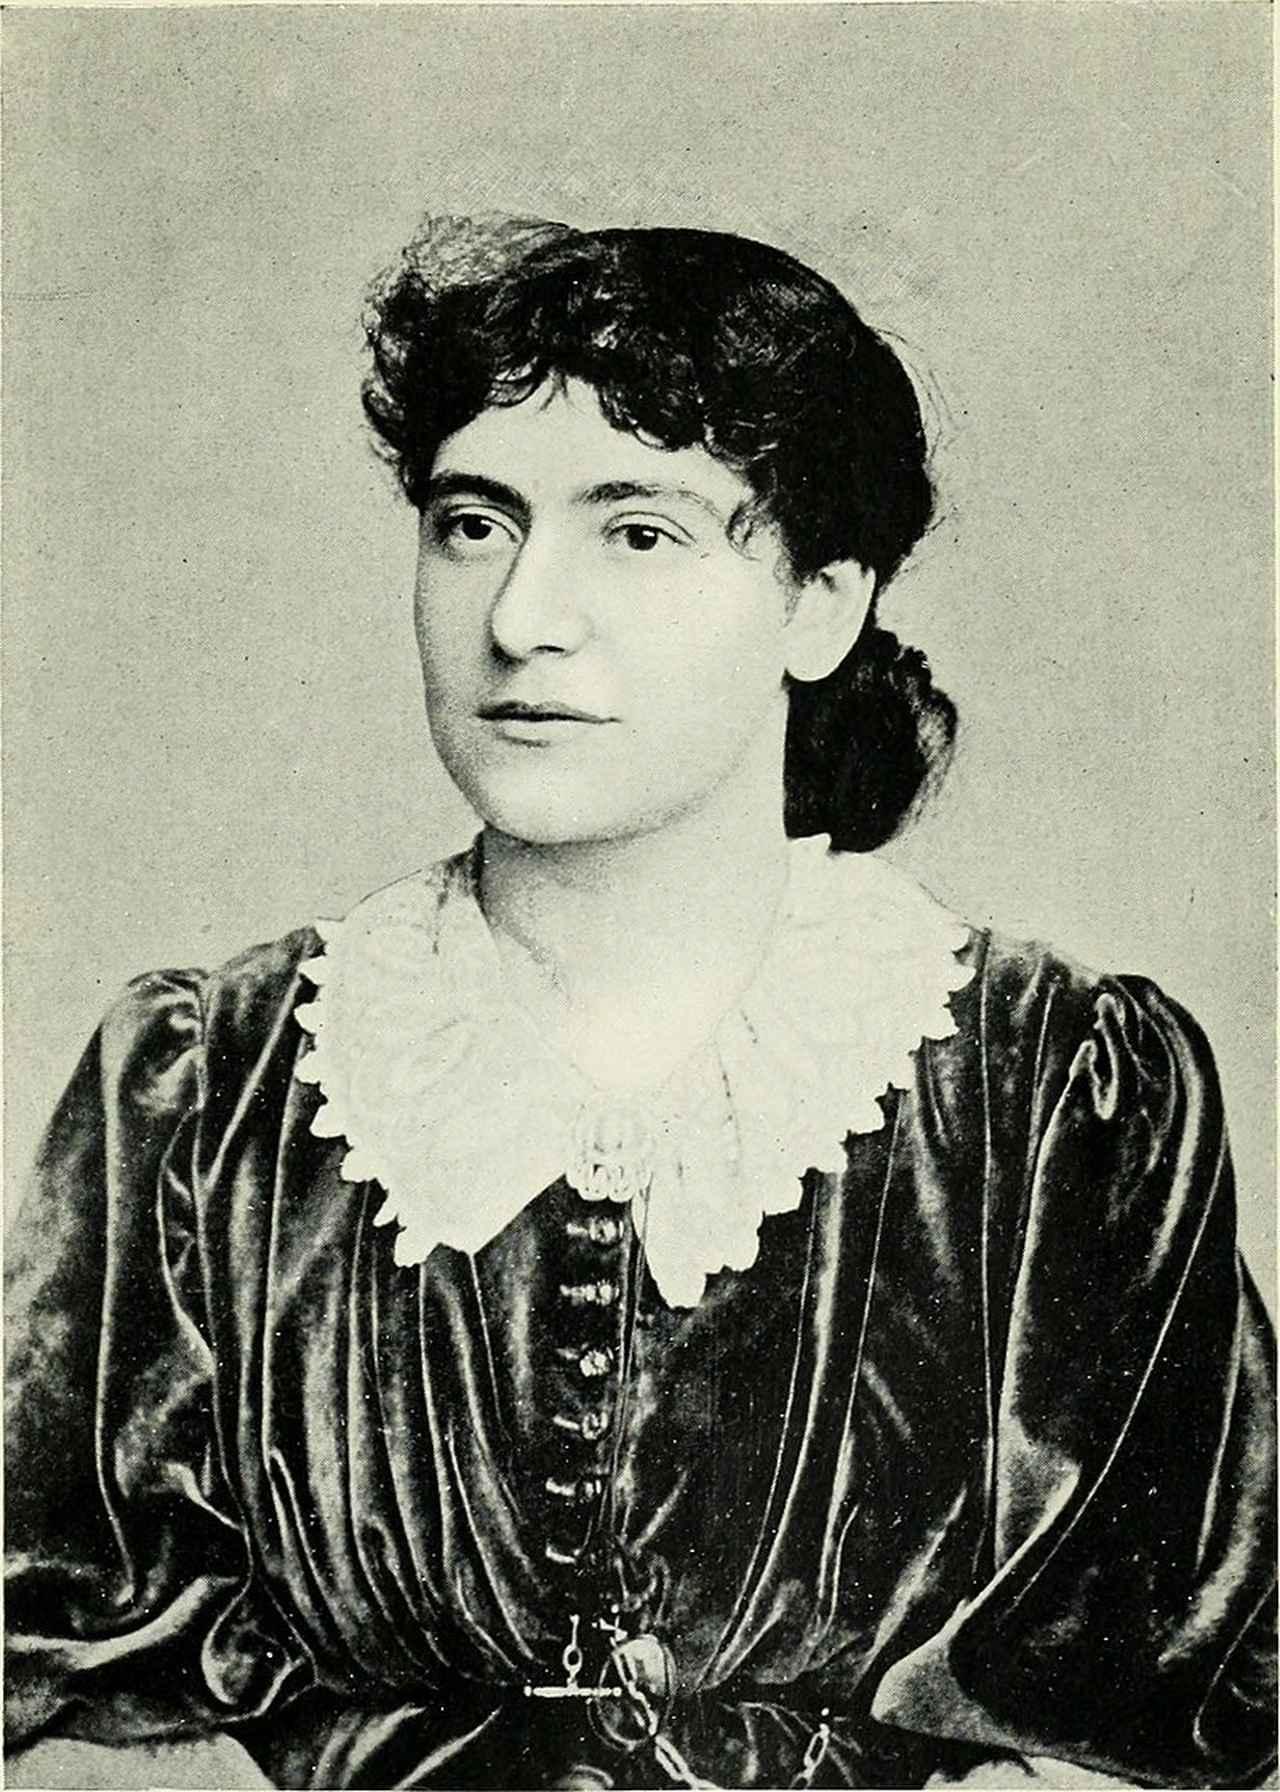 画像: マルクス家伝説の三姉妹の末娘エリノア・マルクス